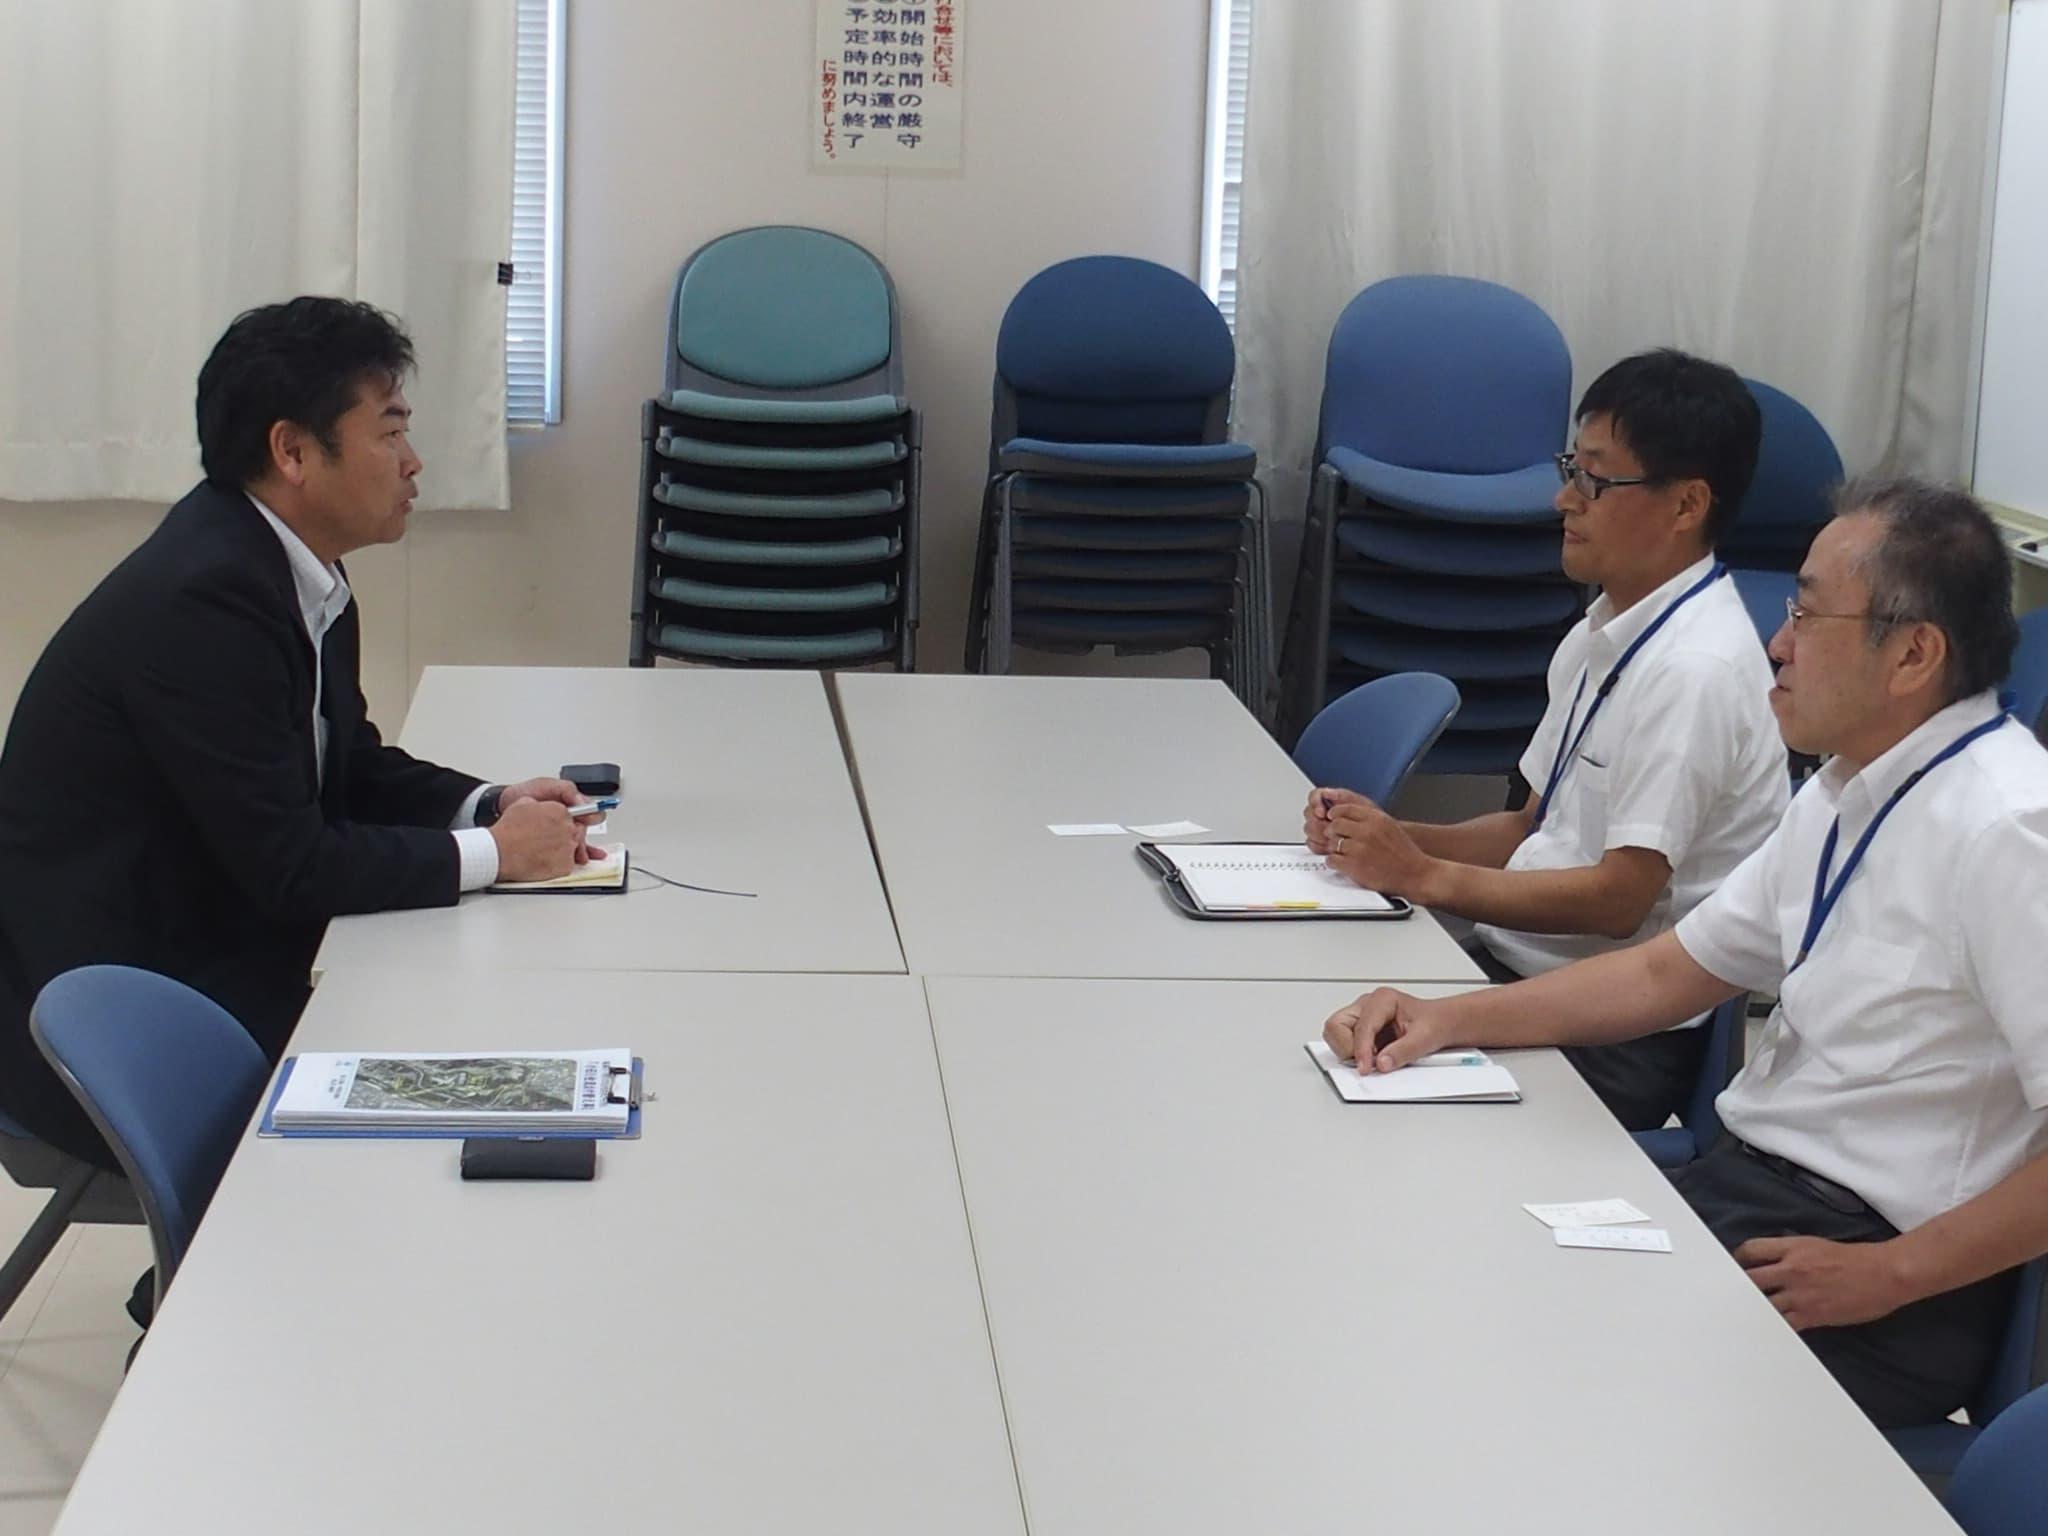 豪雨により決壊した小田川の原因究明と今後の河川改修についてお話を伺いました。